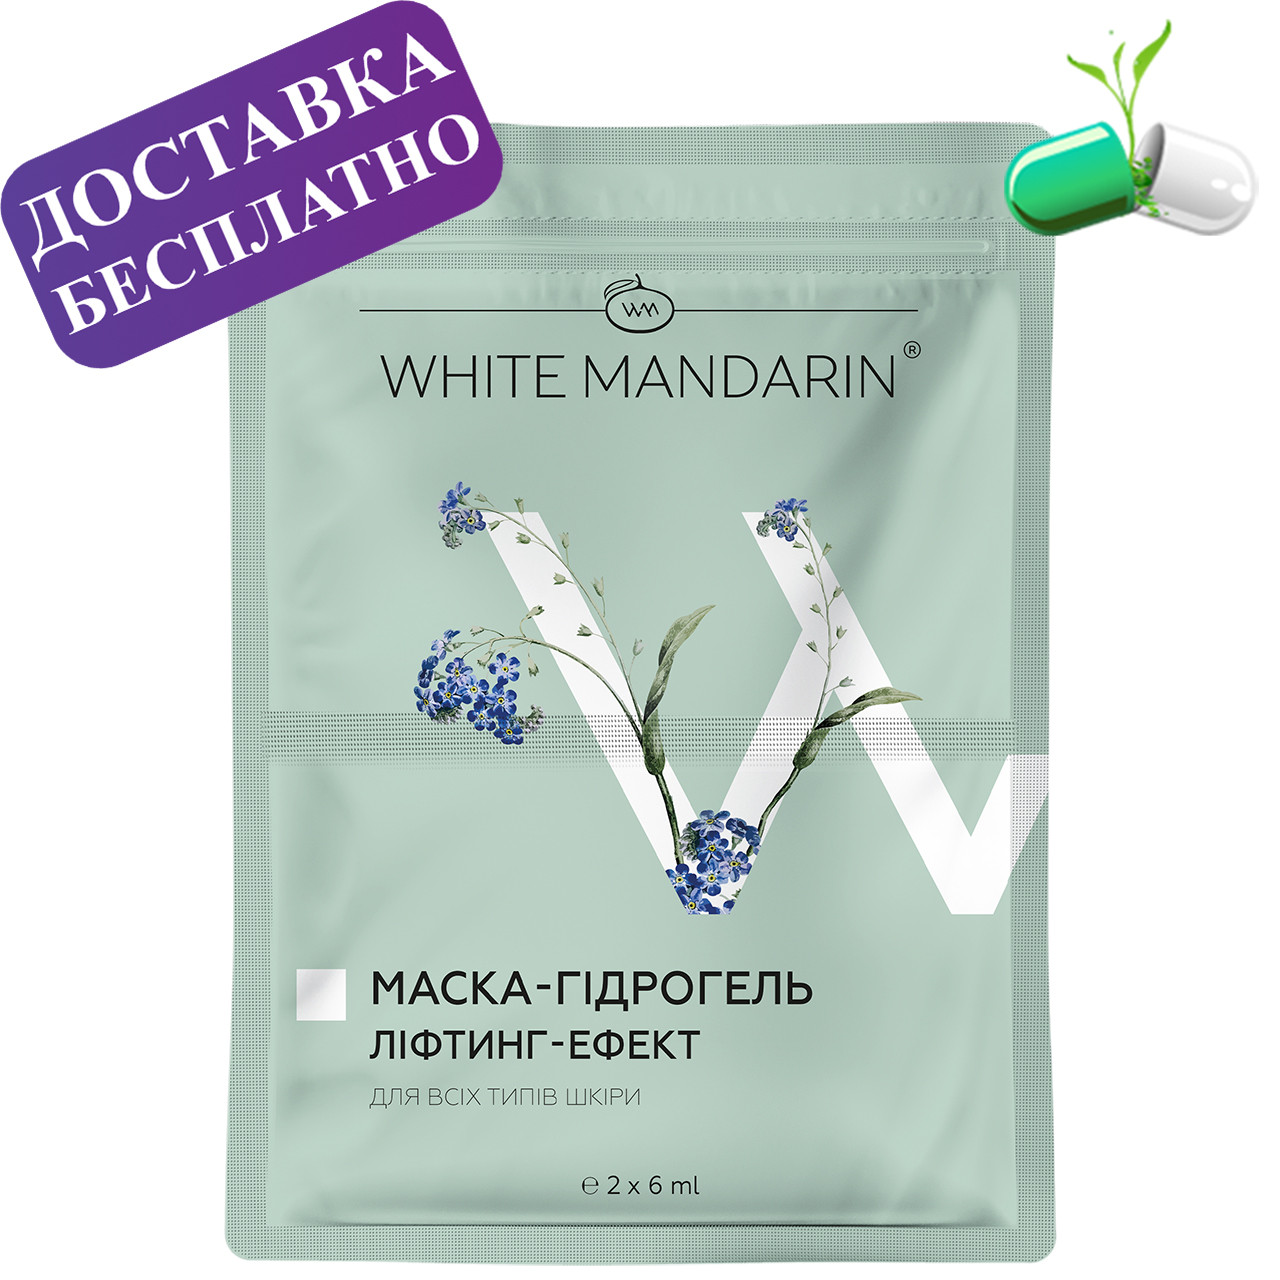 Маска-гидрогель «Лифтинг эффект» серии «Морские водоросли» White Mandarin. саше 2х6 ml